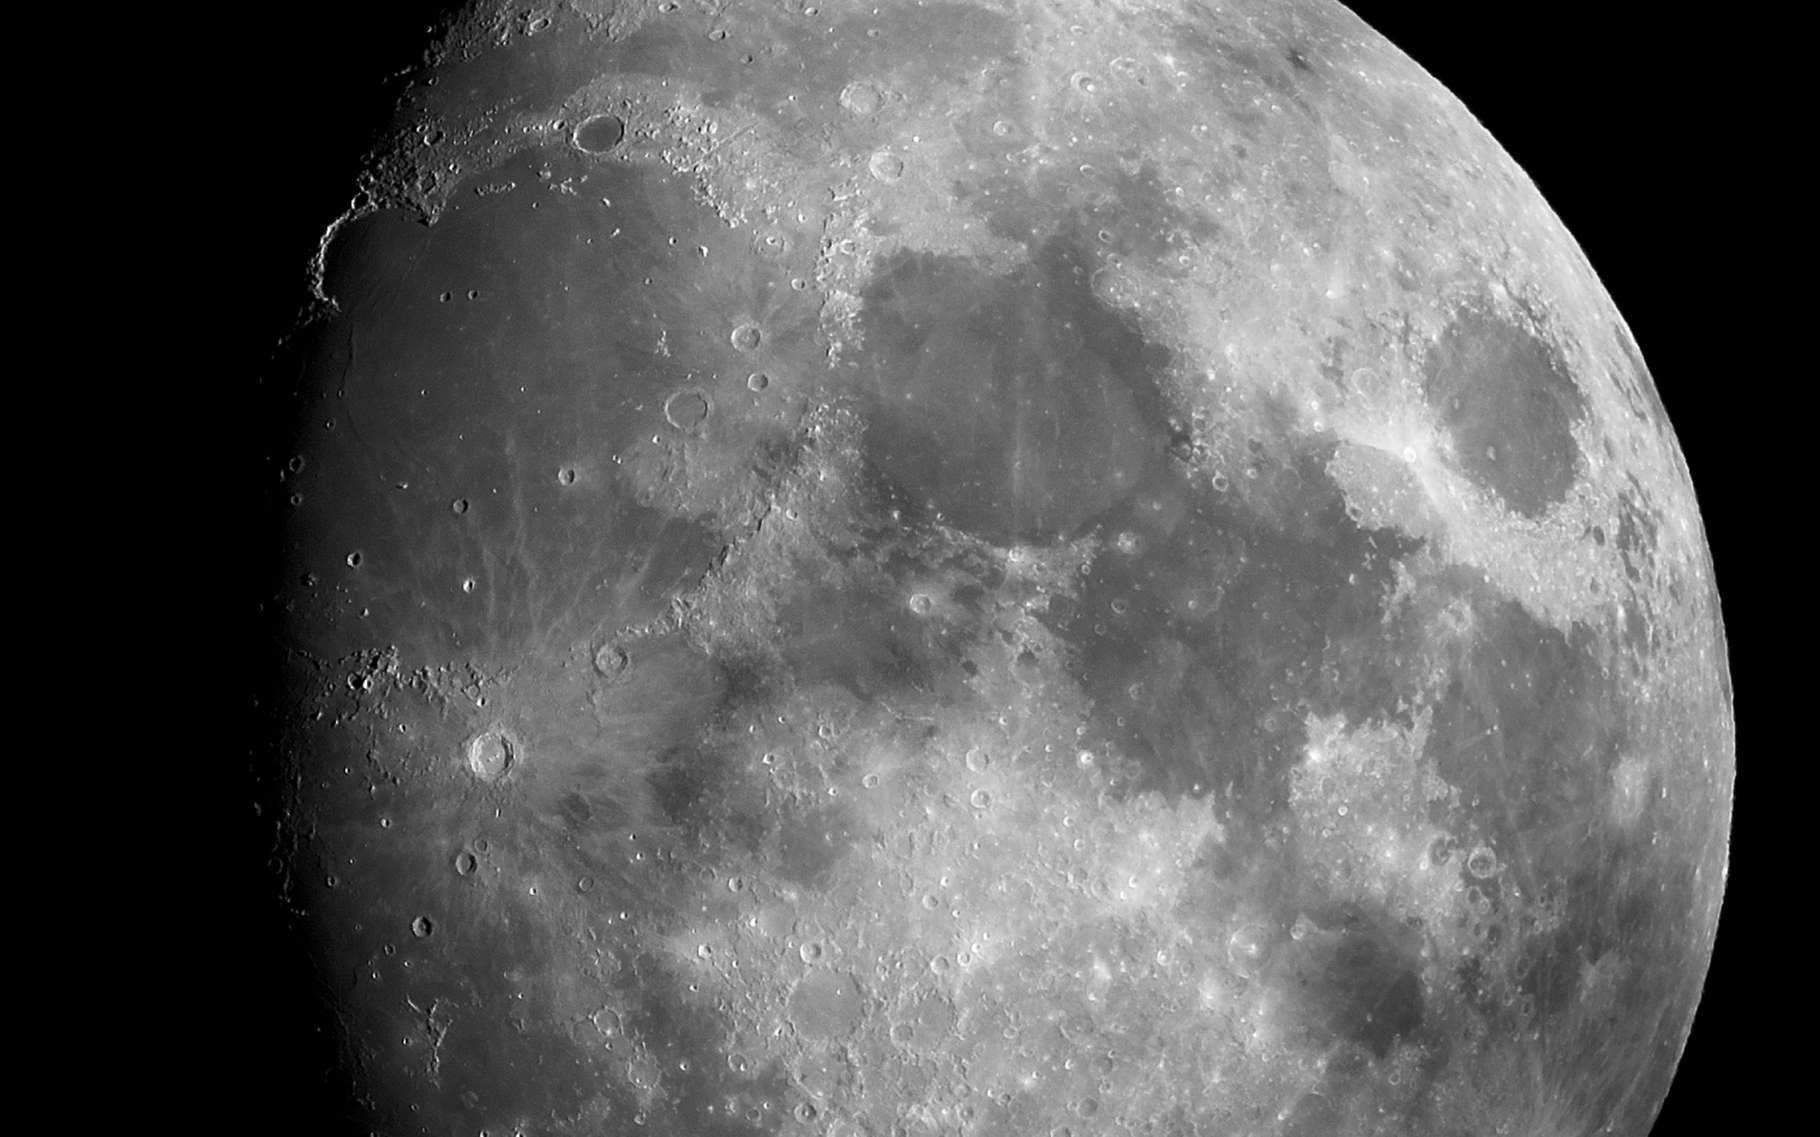 Google Lunar X Prize : malgré le retrait de Google, la course continue. © Luc Viatour, www.Lucnix.be, CC, by-nc-sa 3.0